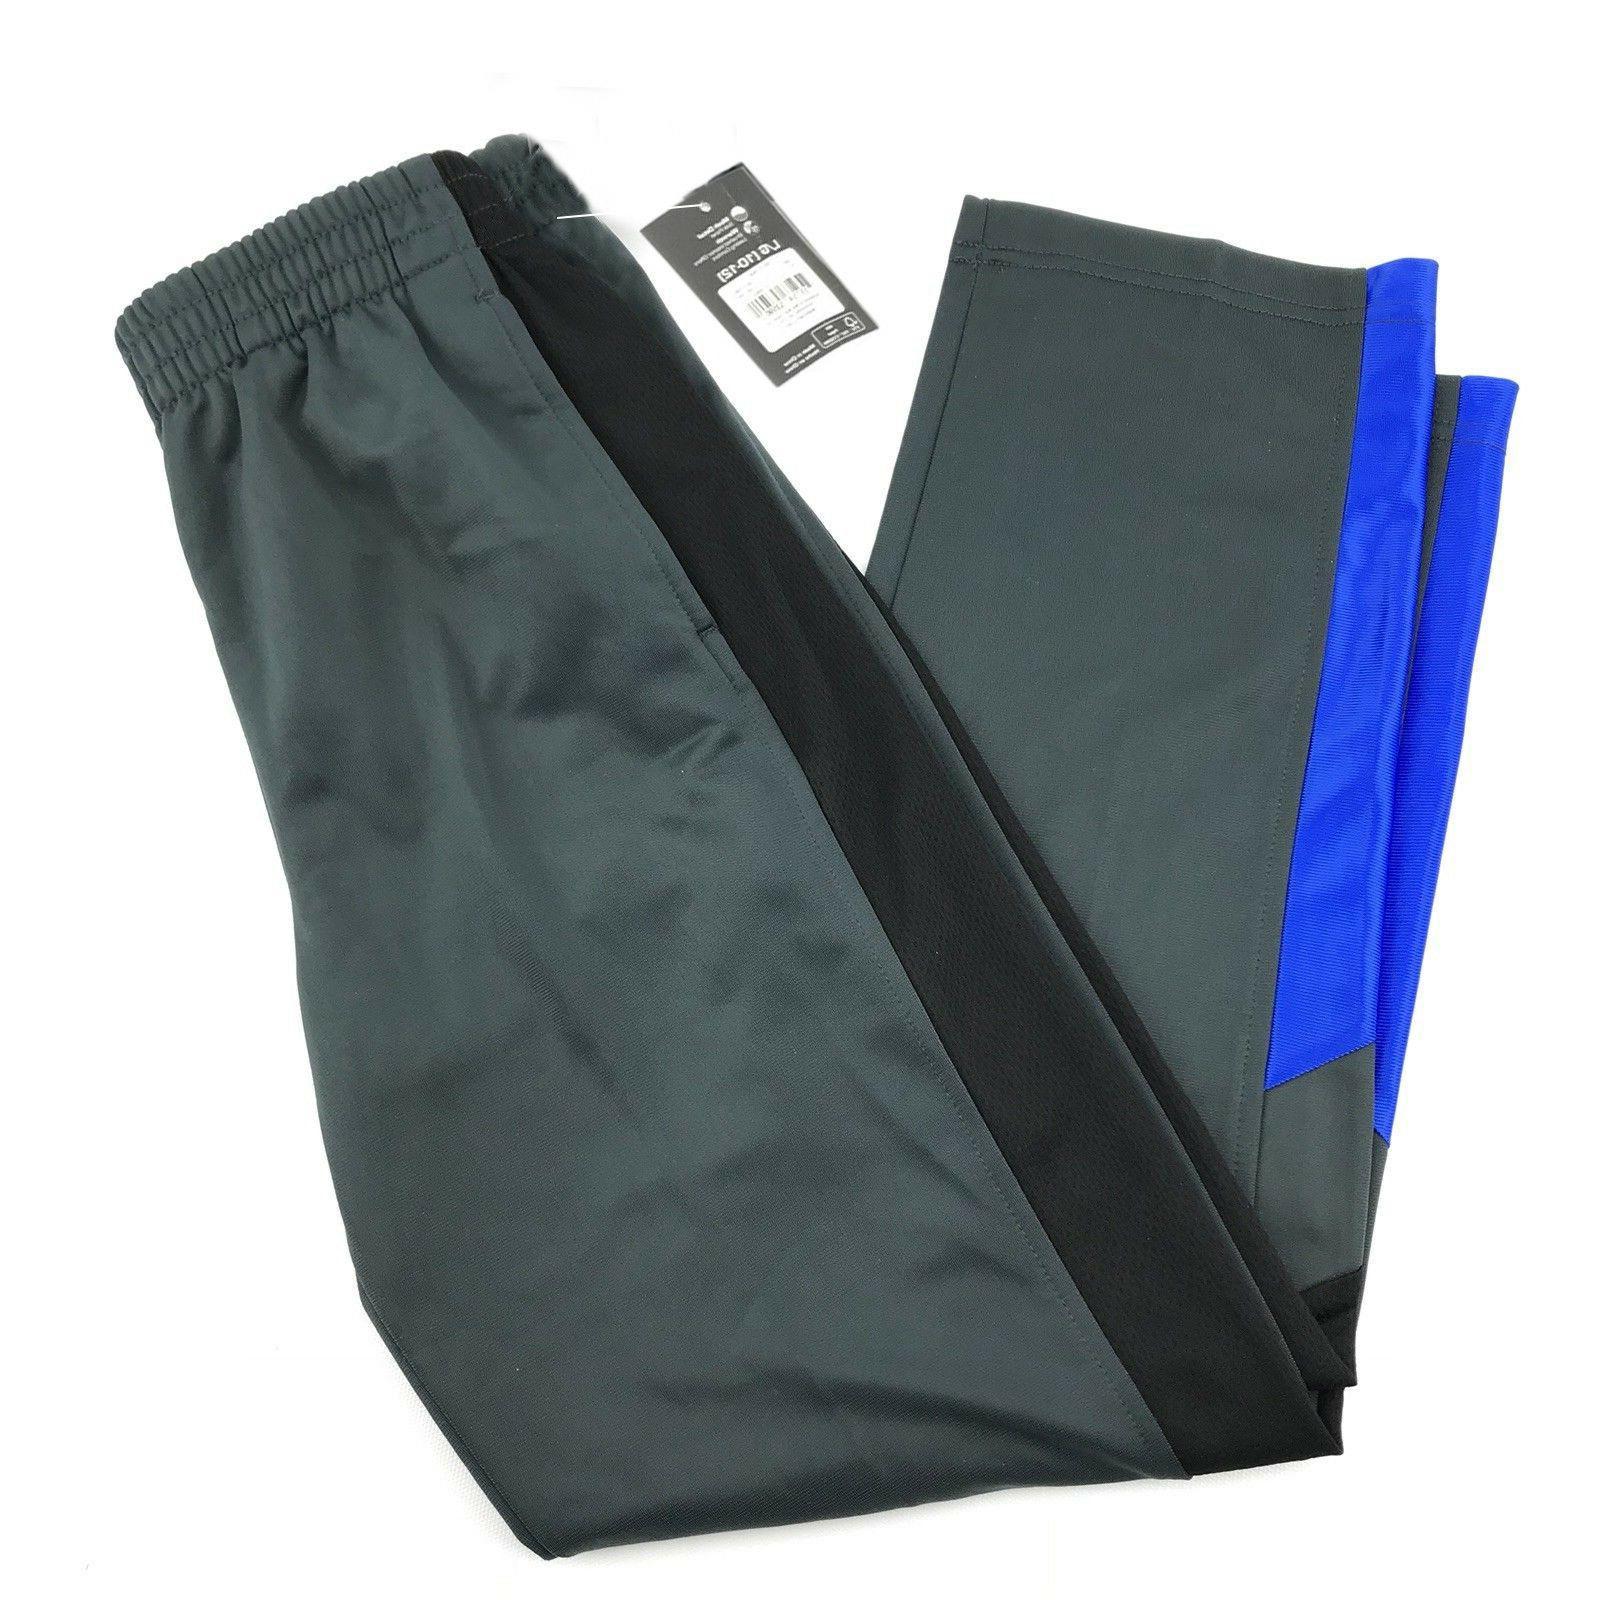 Boy's Sports Sweatpants PANTS-Athletic Works-Sizes S/M/L